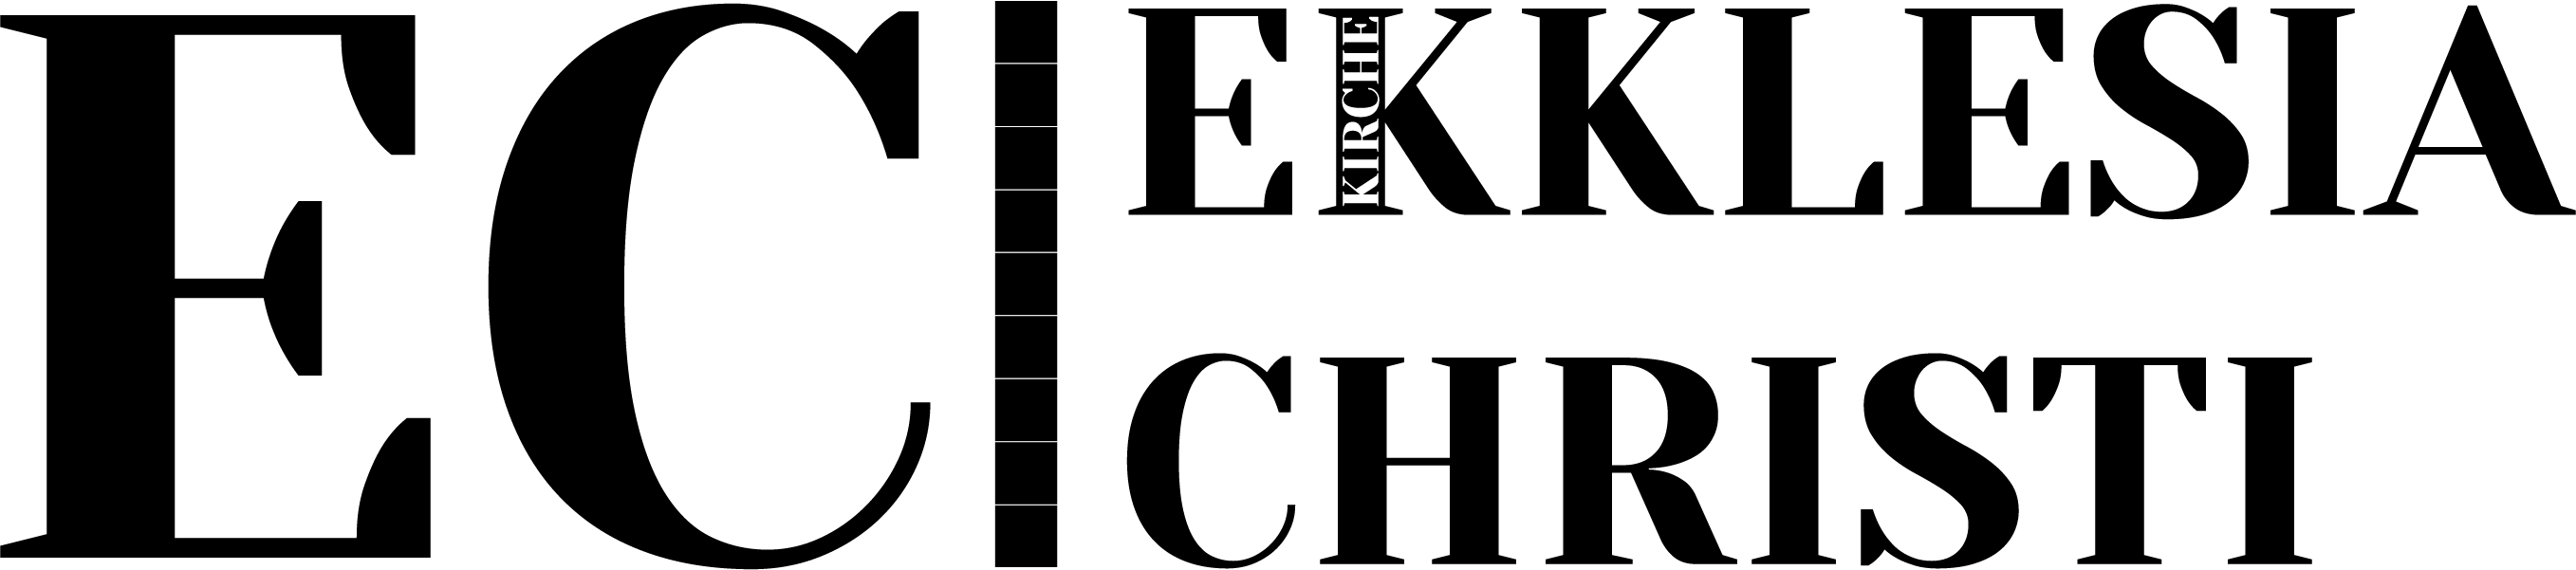 Ekklesia Christi